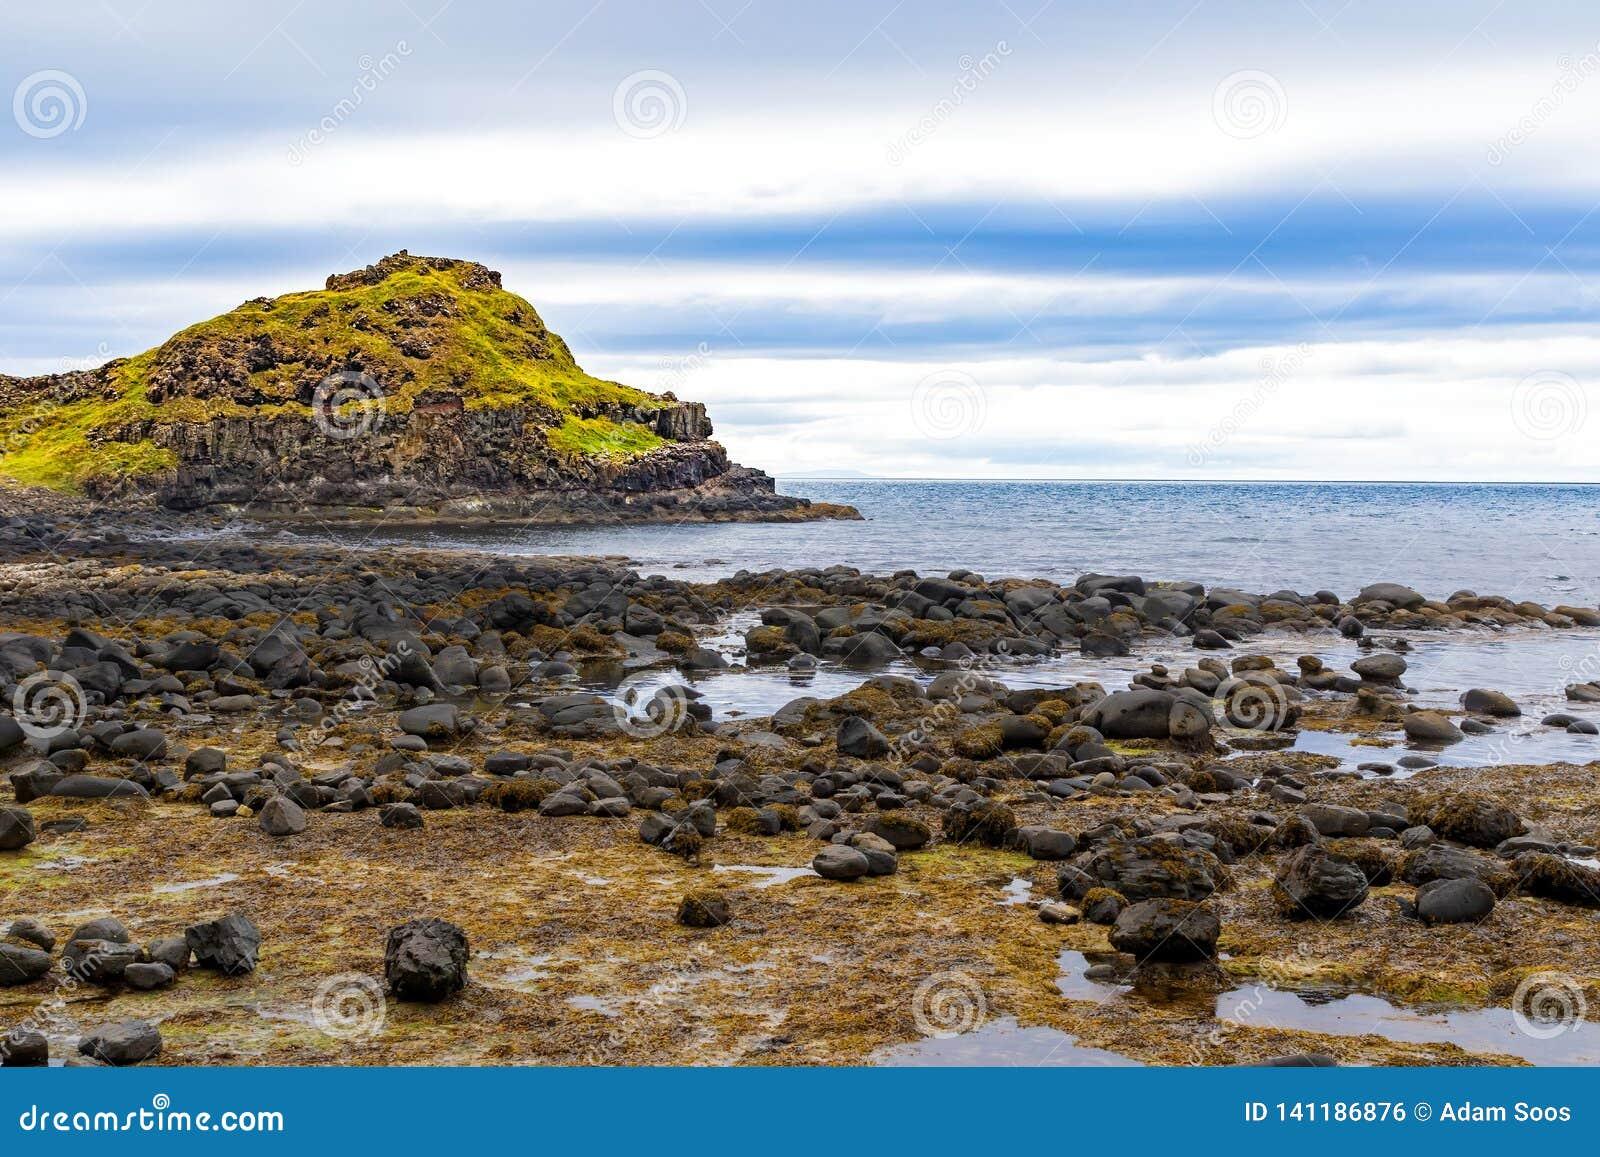 De kust van een eiland in Ierland